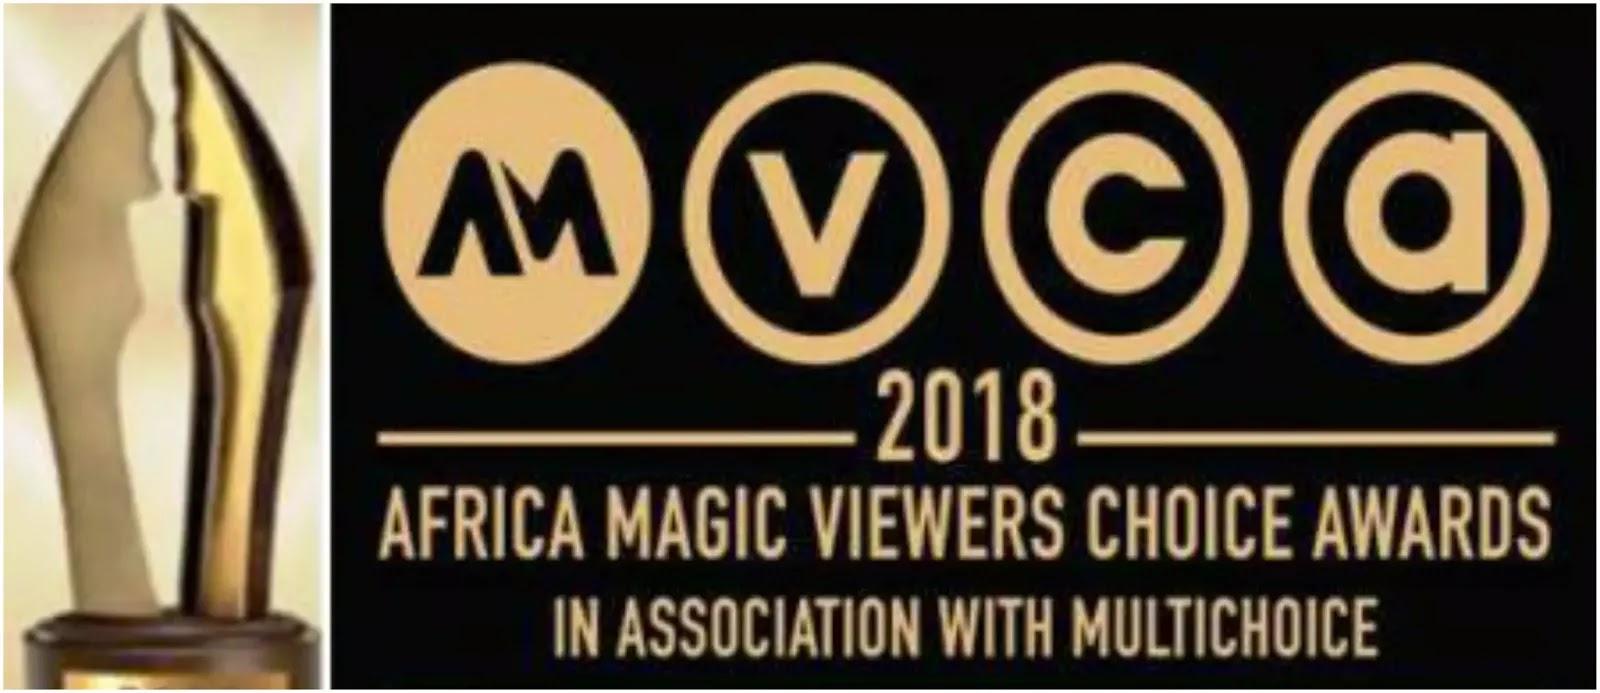 AMVCA 2018